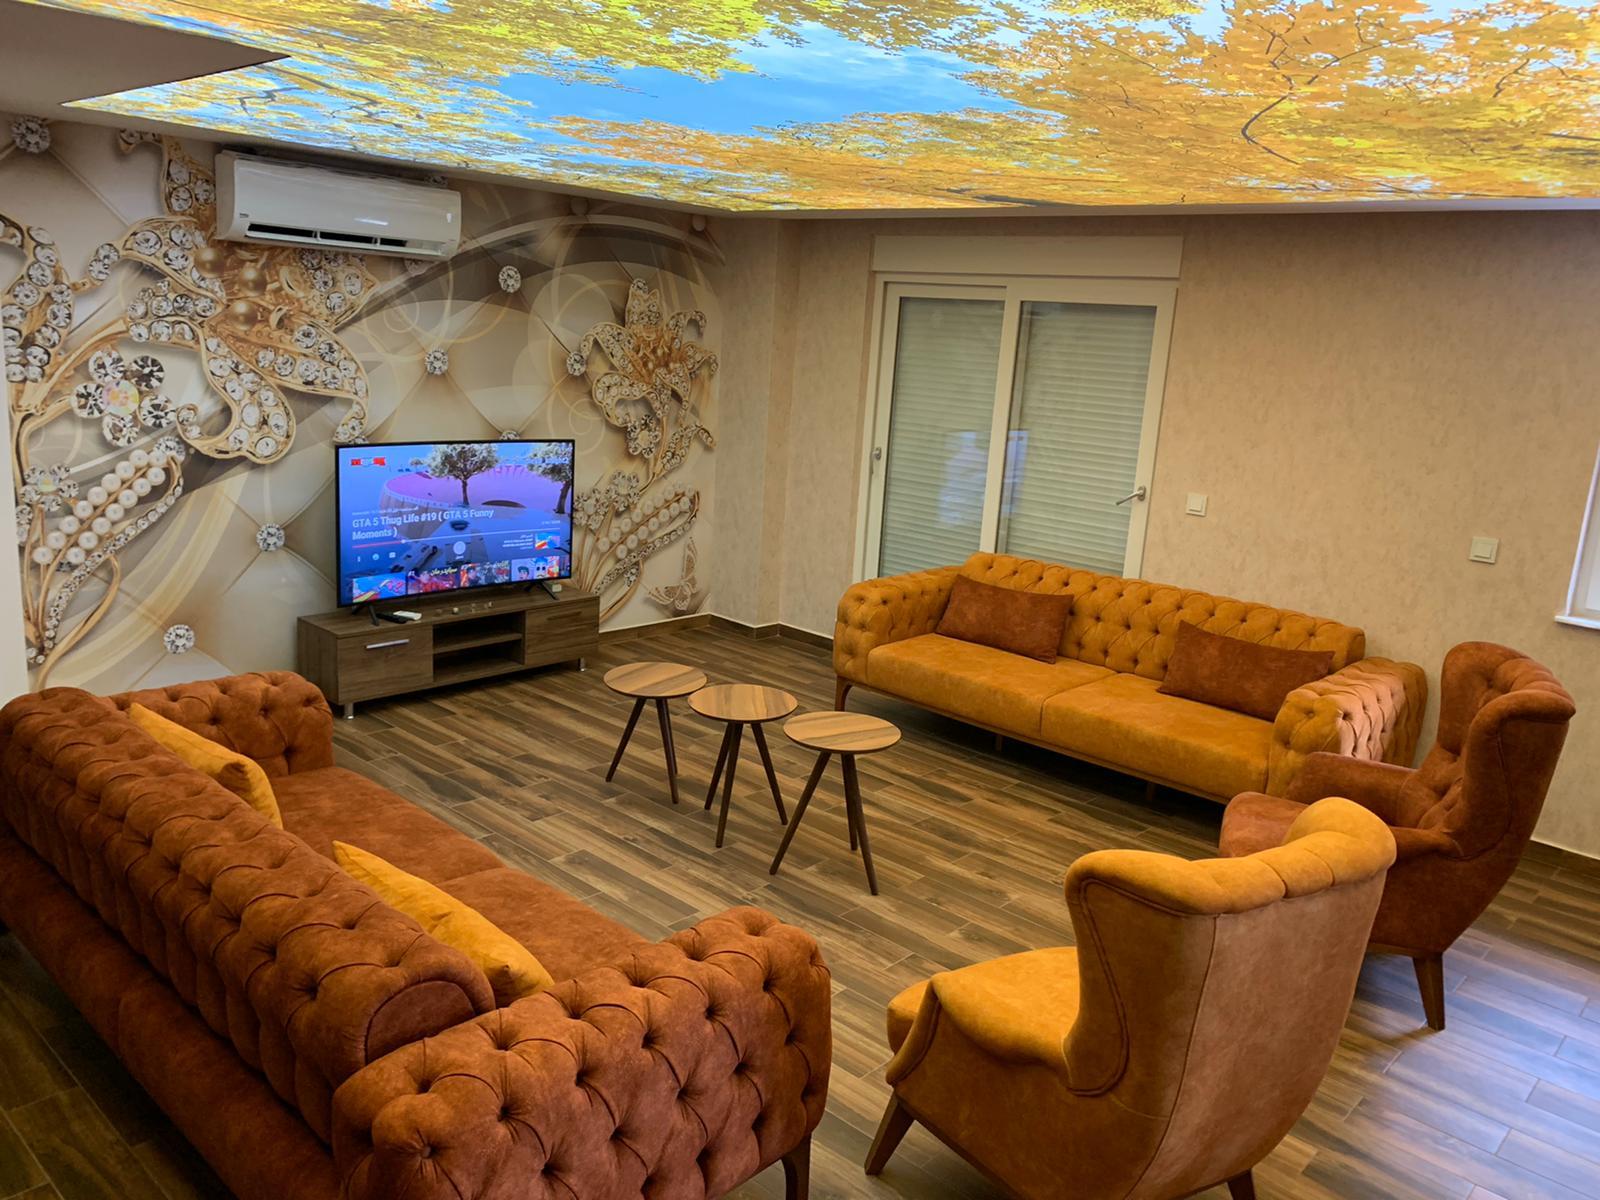 شقة مؤثتة للبيع في أنطاليا كونيالتي